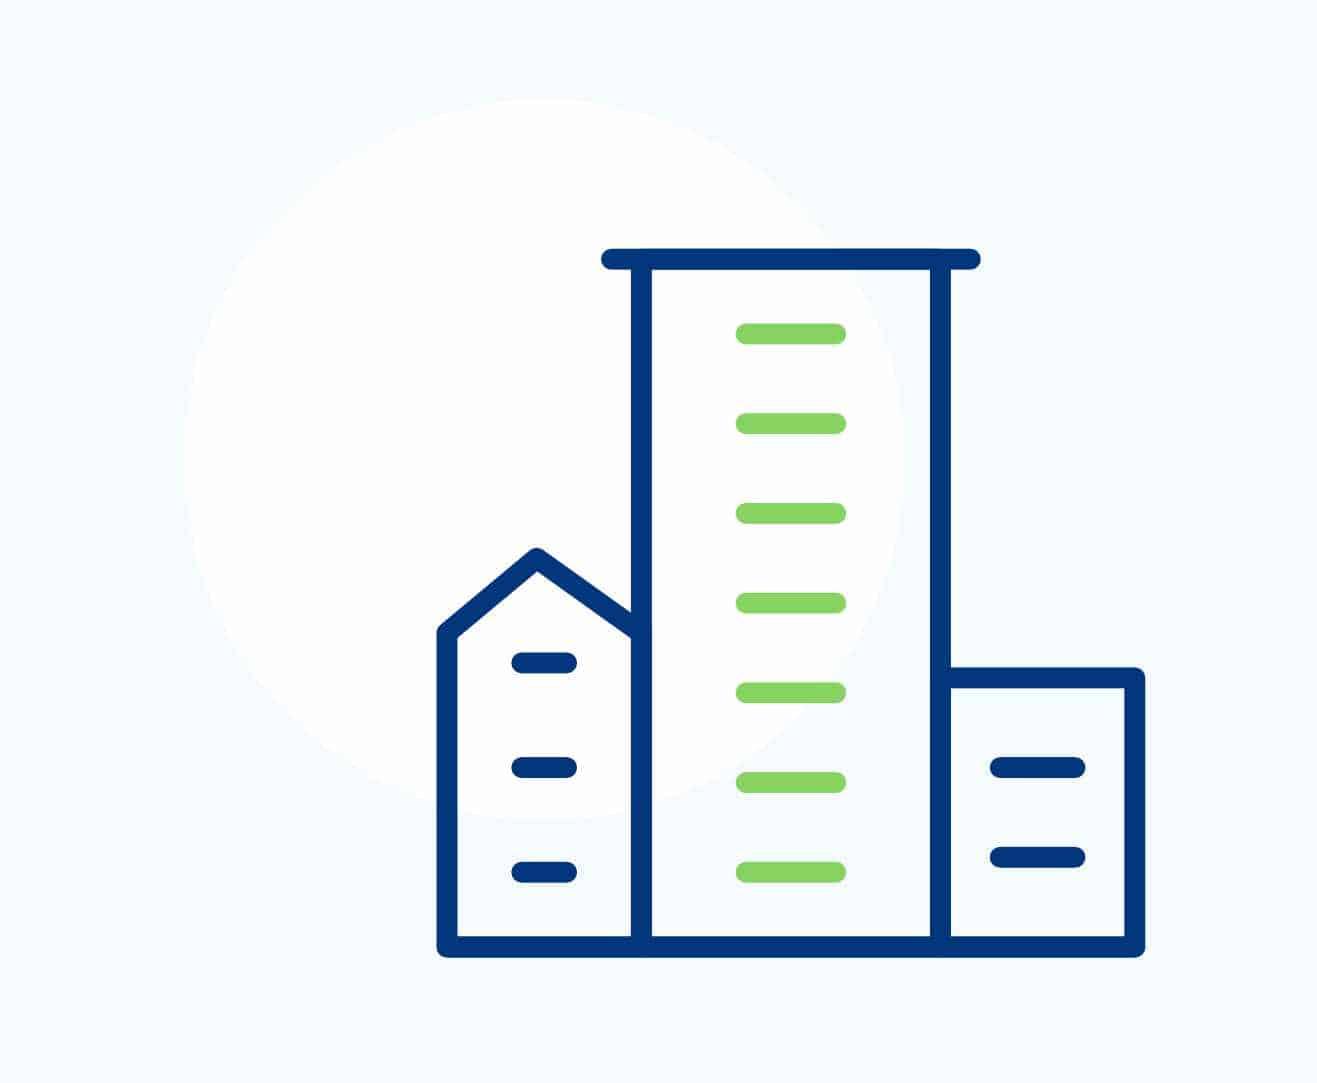 Les solutions de ventilation VTI sont adaptées aux bâtiments d'habitation collectives